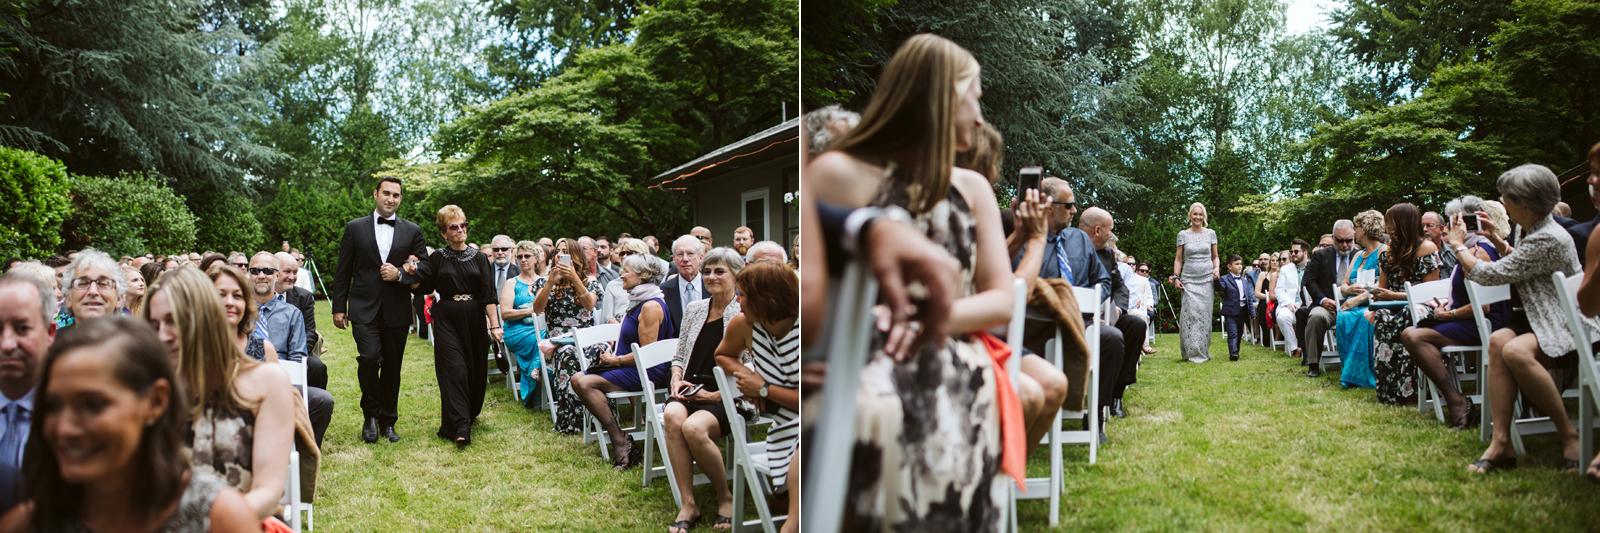 073-daronjackson-gabby-alec-wedding.jpg